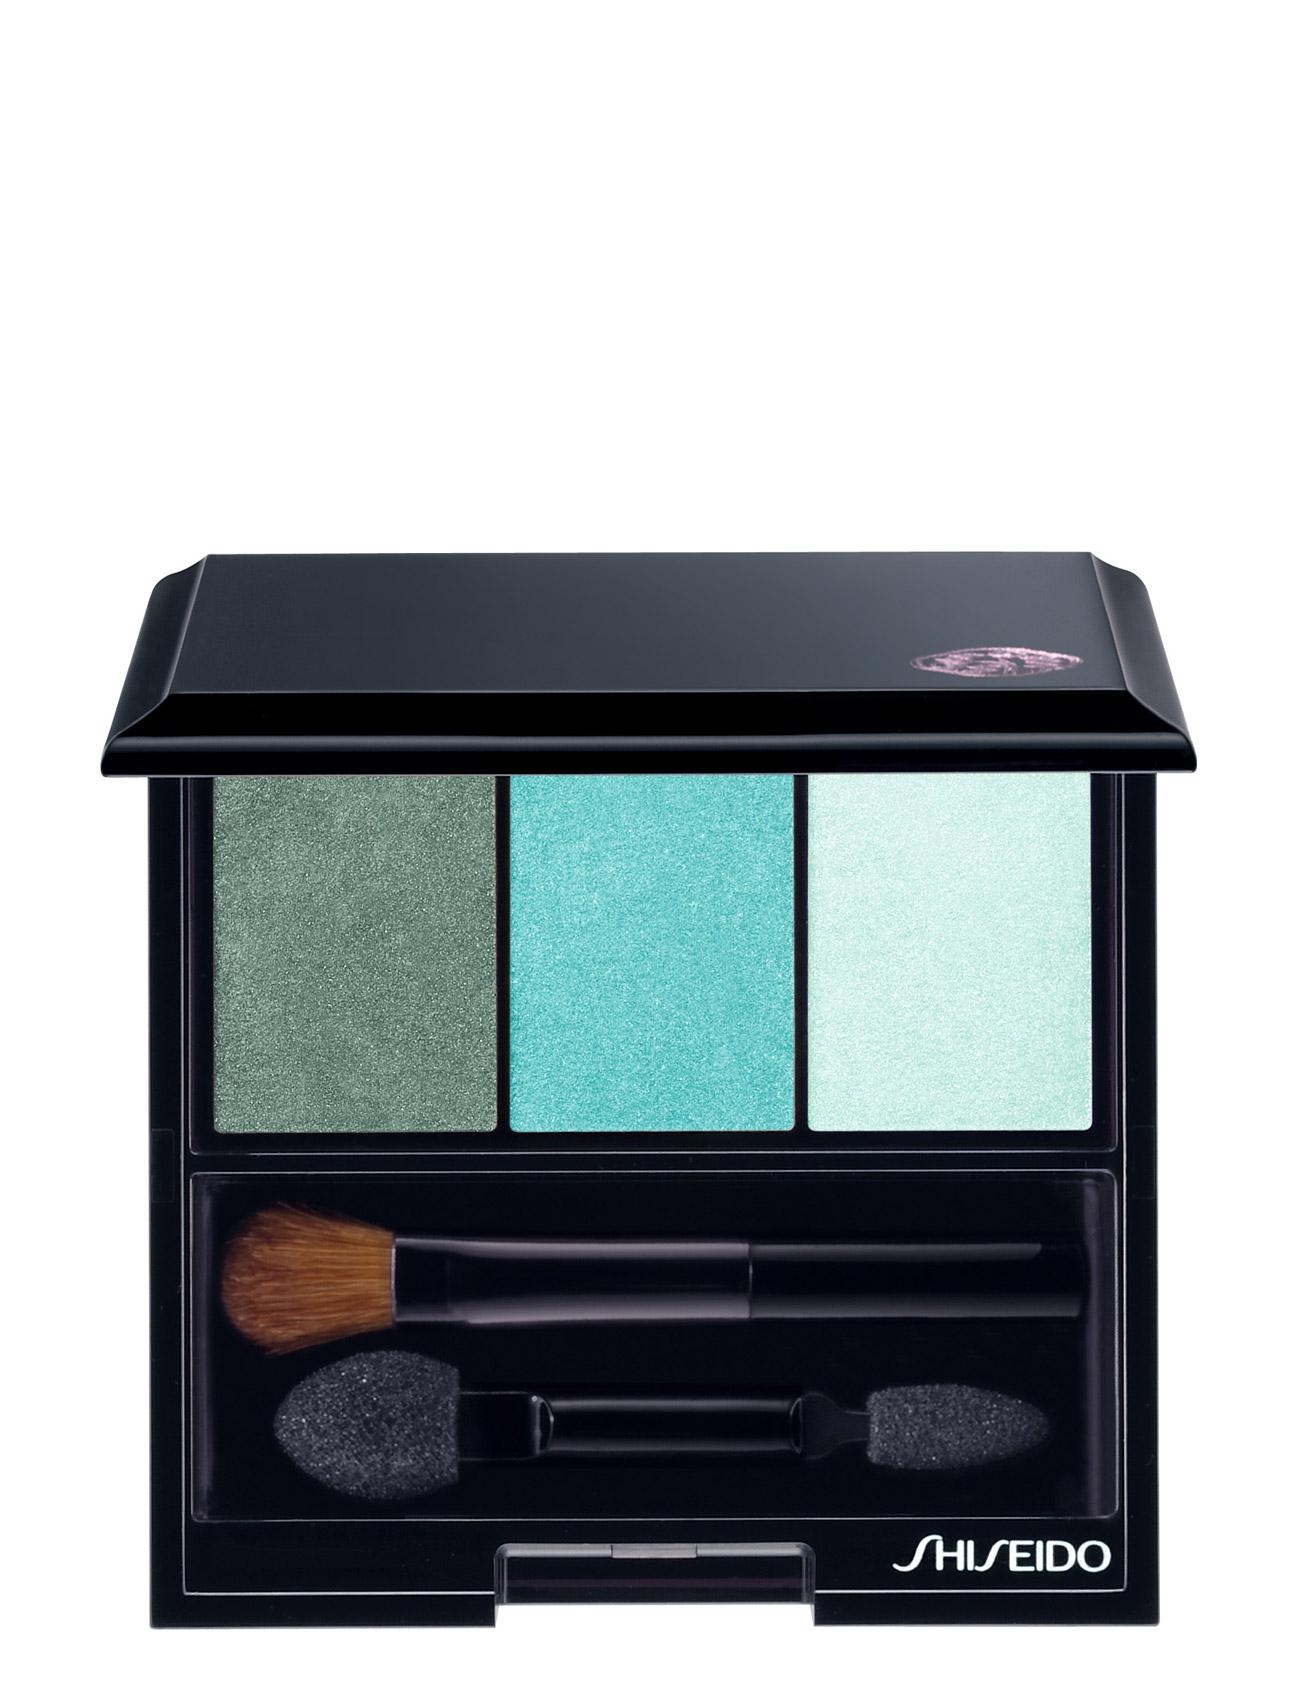 shiseido Shiseido luminizing satin eyecolor på boozt.com dk